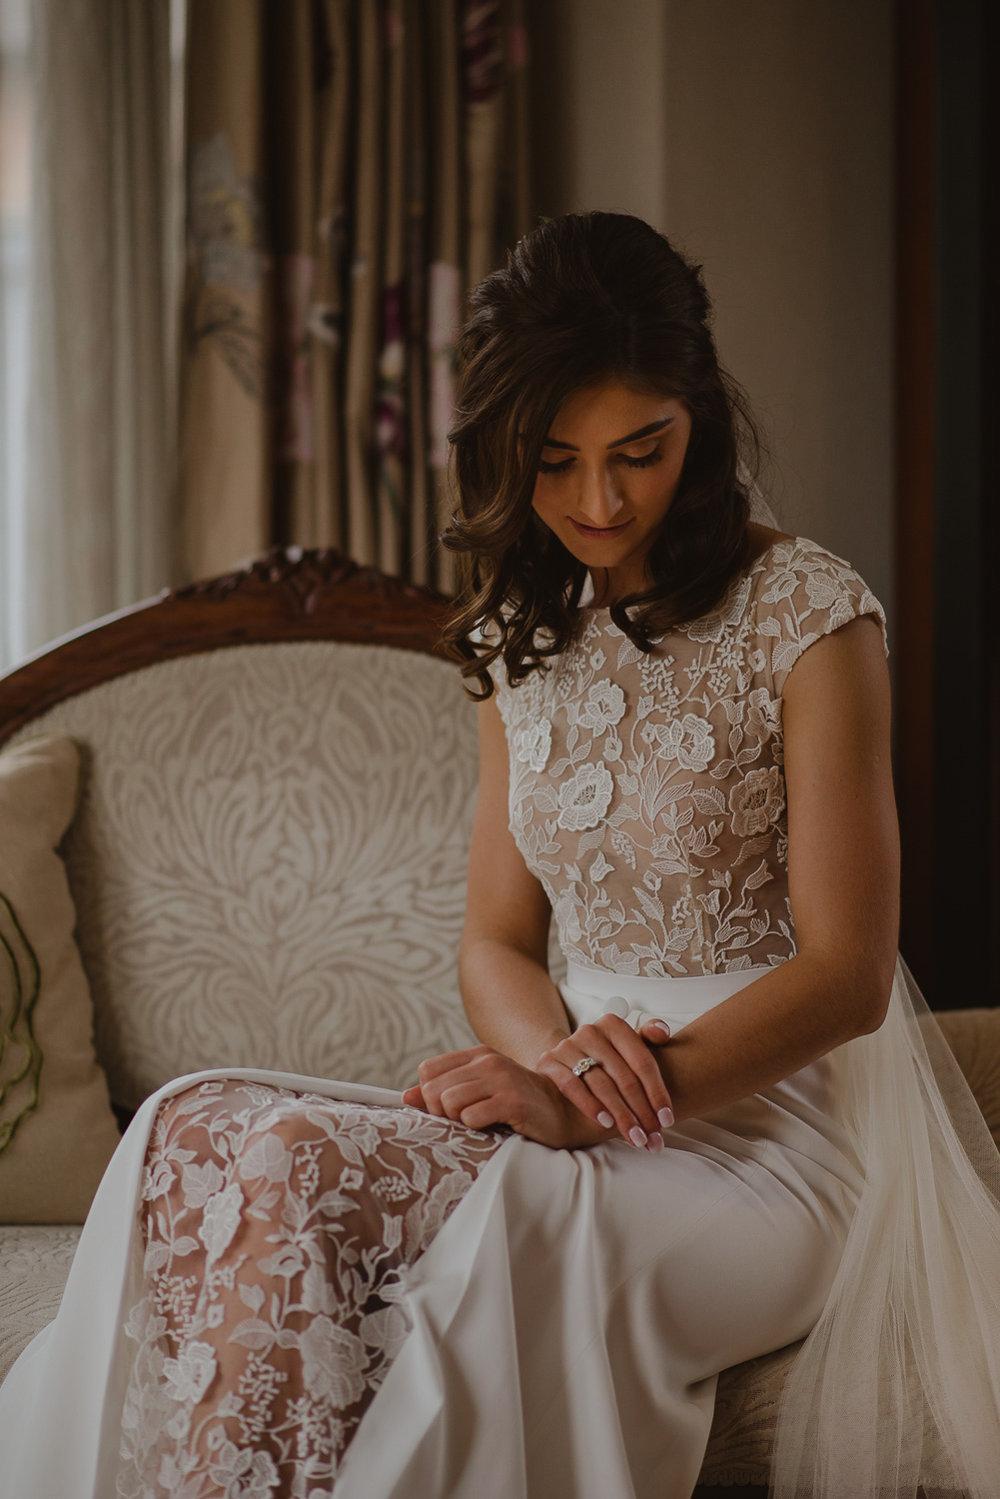 Rime-arodaky-wedding-dress-31.jpg